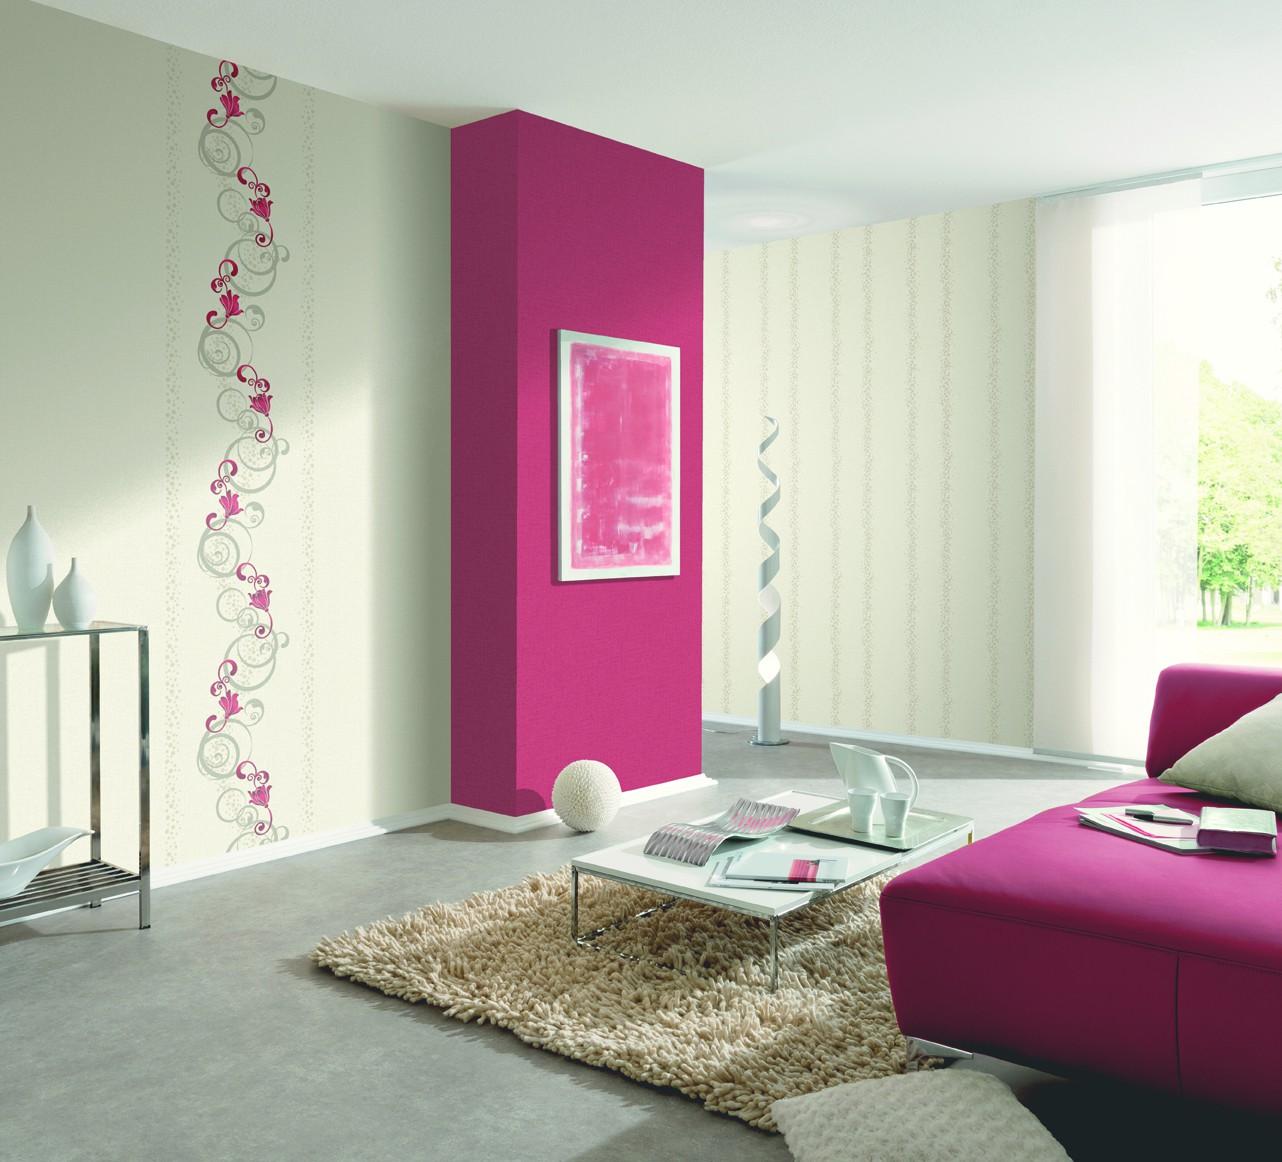 Wohnzimmer Hochglanz Weiss Vliestapete Apricot ~ Kreative Bilder Für Zu  Hause Design Inspiration